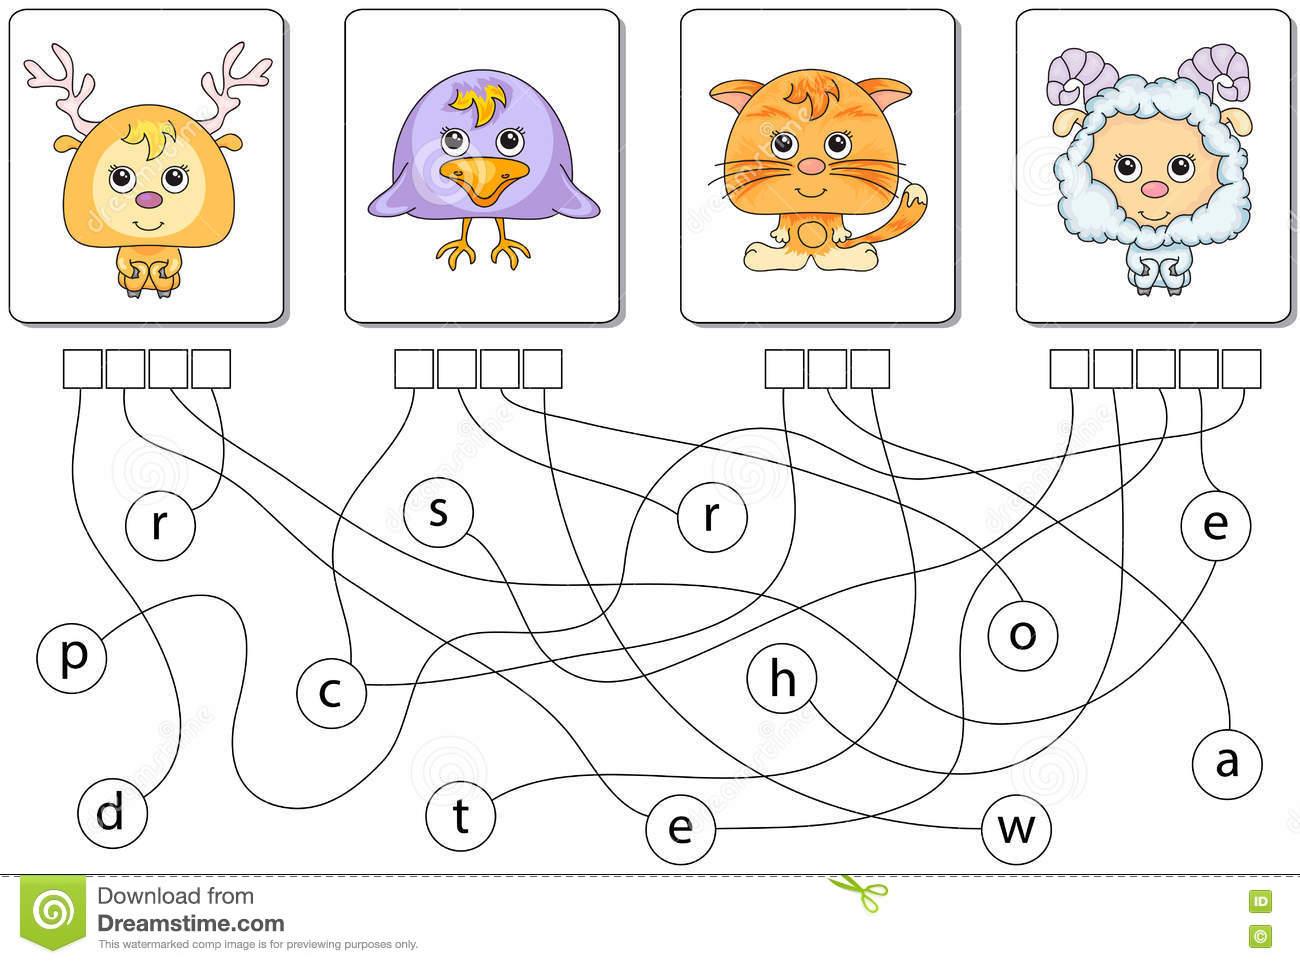 Jeu Éducatif De Puzzle Trouvez Les Mots Cachés Illustration destiné Mots Fleches Enfants